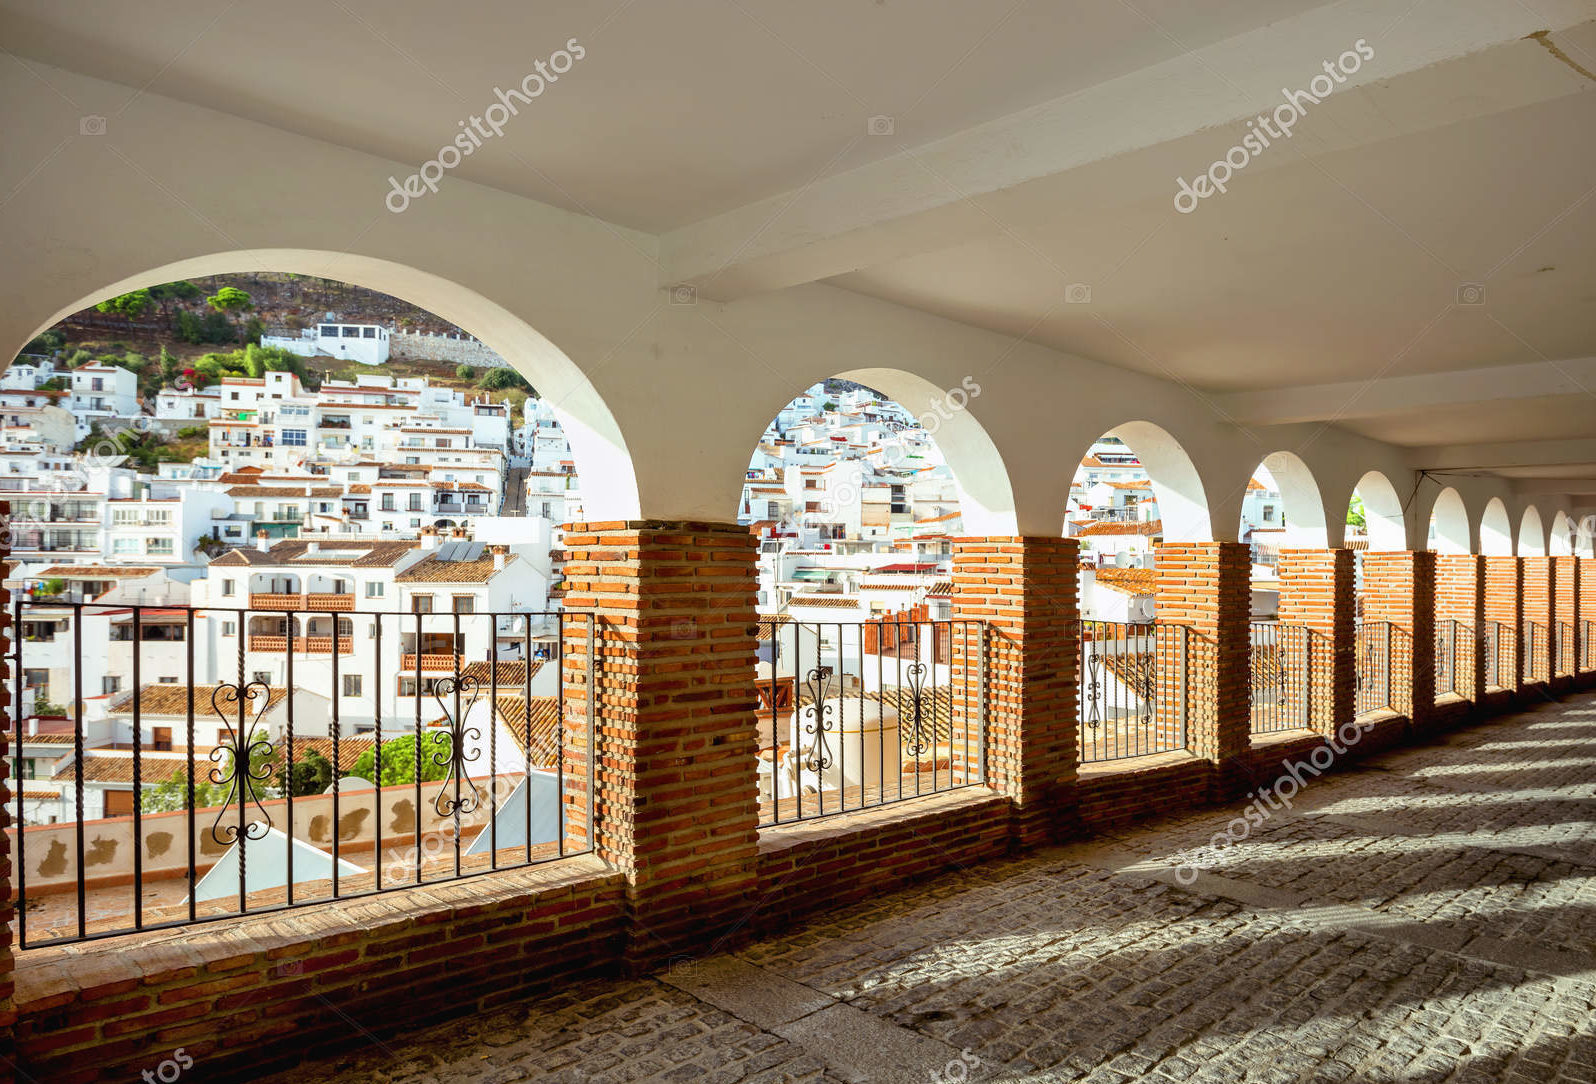 Галерея с арками. Андалусия.